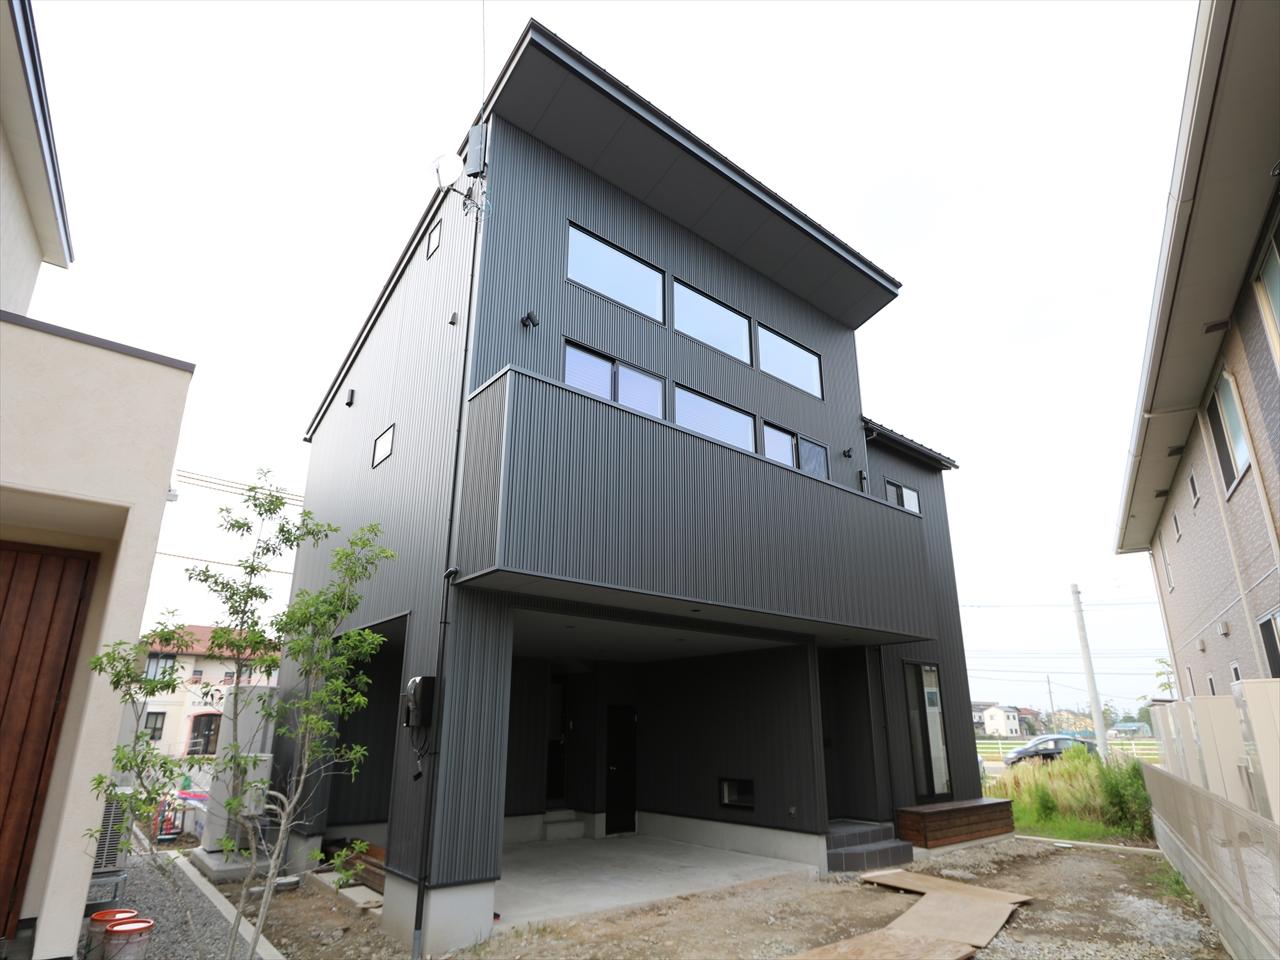 ハイサイドライトから光射す家|石川県金沢市の注文住宅・デザイン性・新築の家・戸建て|E-HOUSE